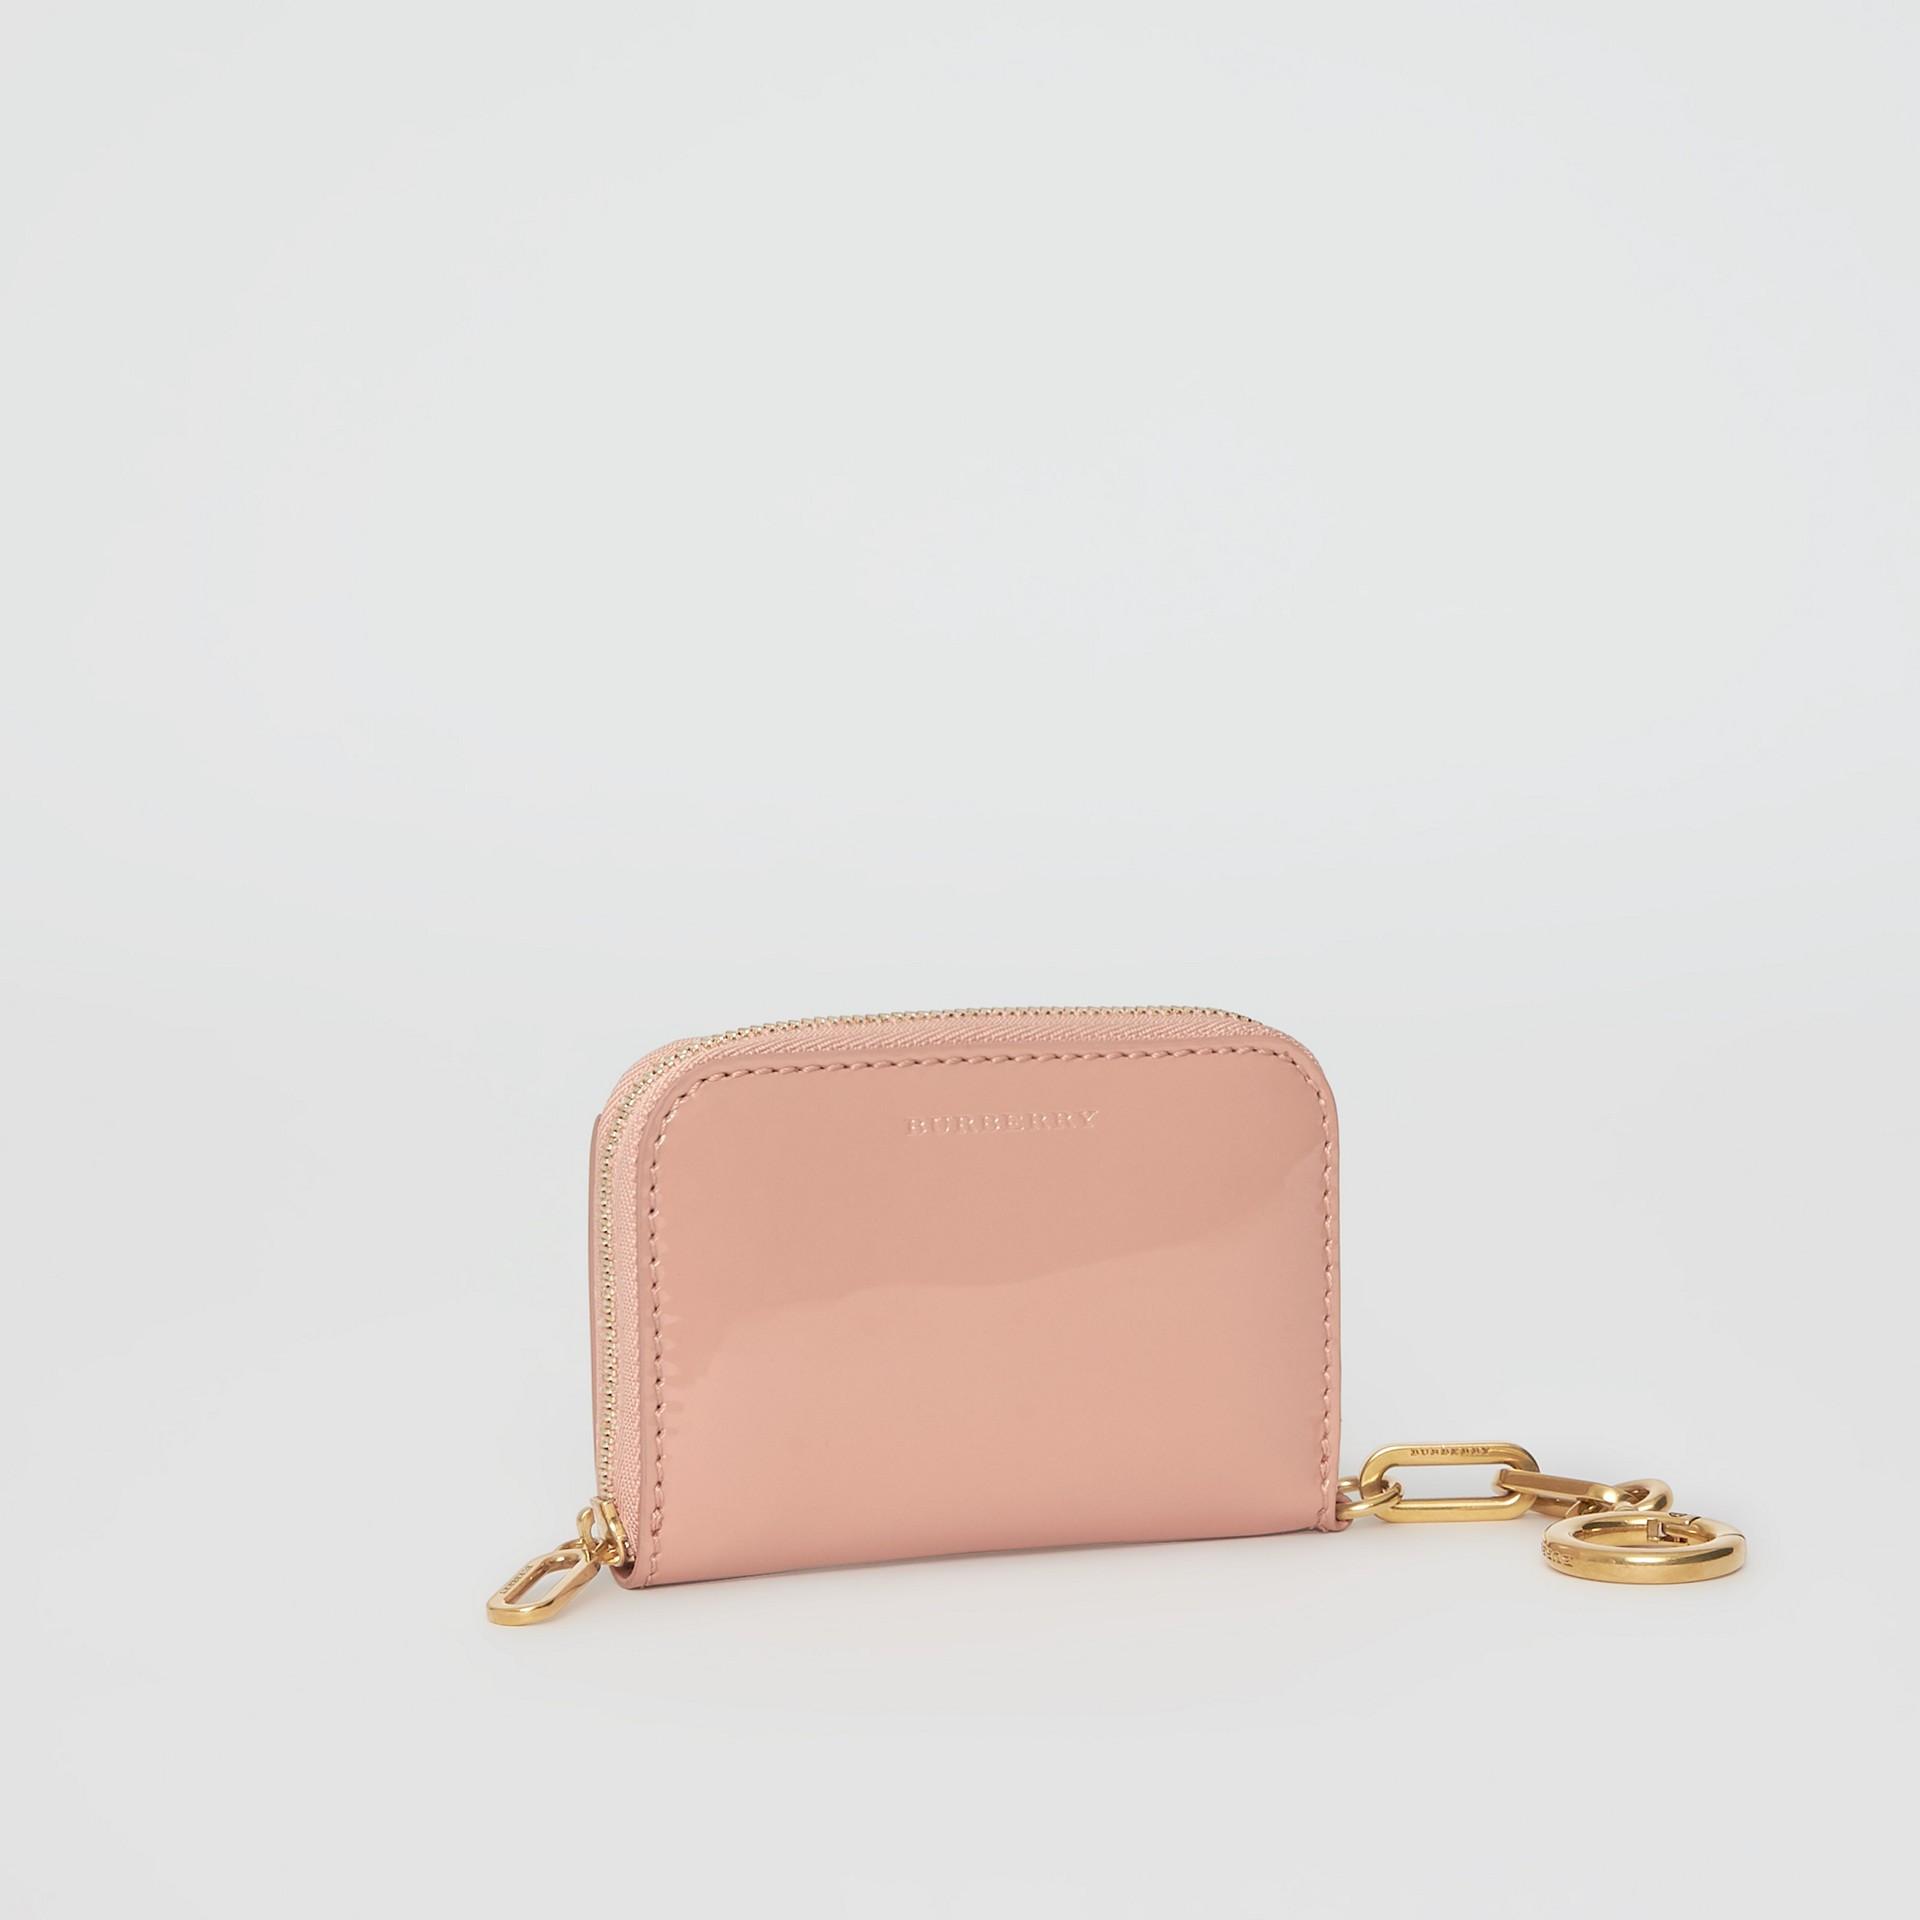 Кожаный бумажник из кожи с цепочкой (Бледный Бежево-розовый) - Для женщин | Burberry - изображение 4